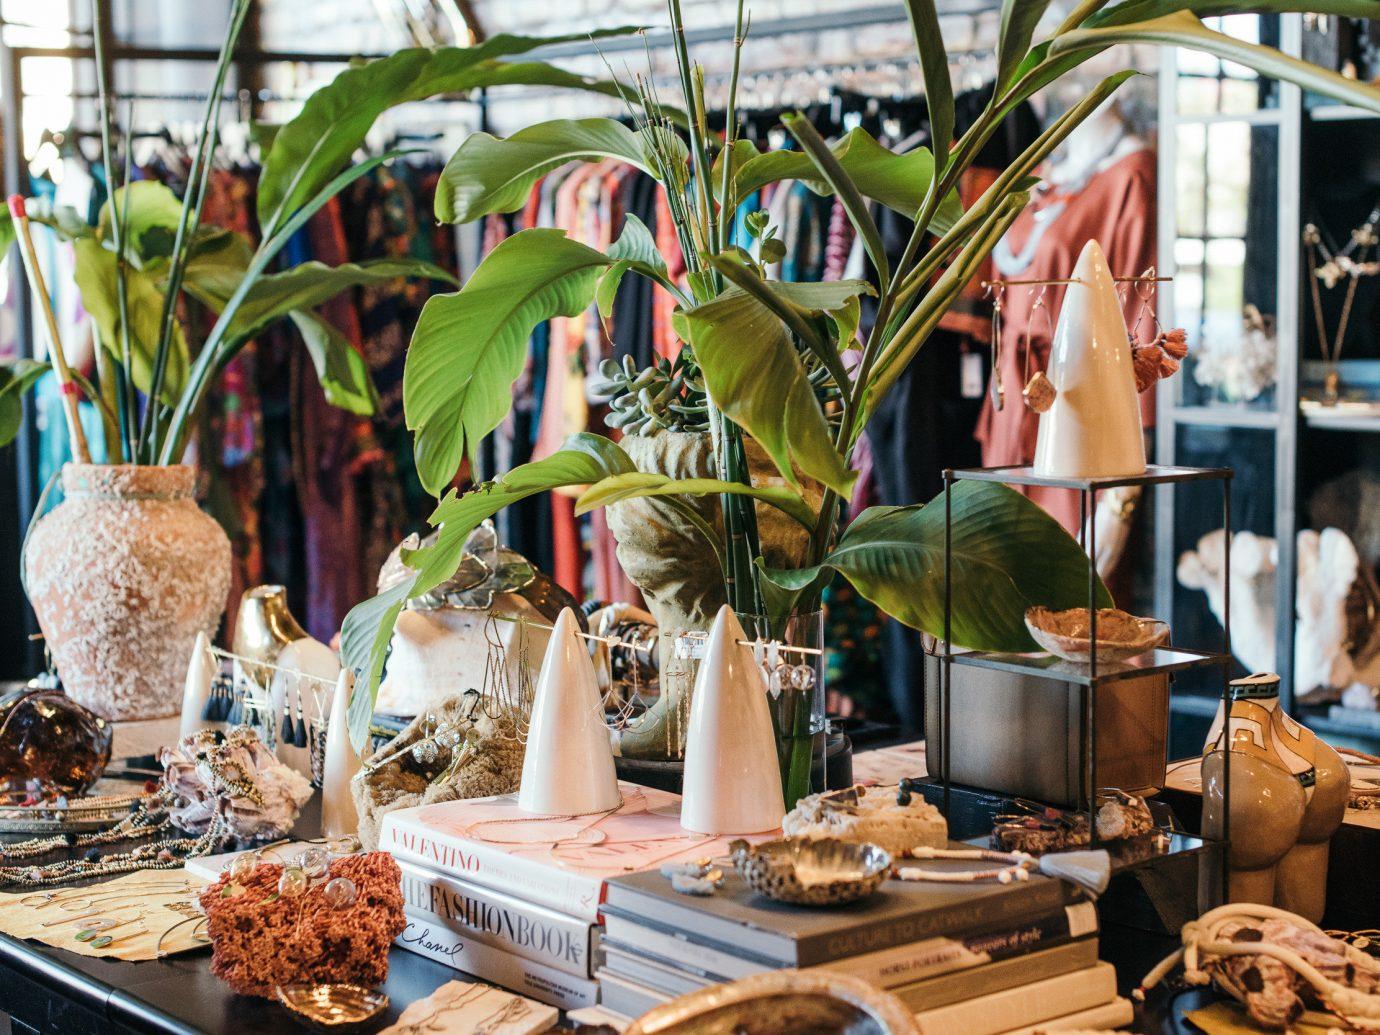 Girls Getaways New Orleans Trip Ideas Weekend Getaways brunch Shop dining table